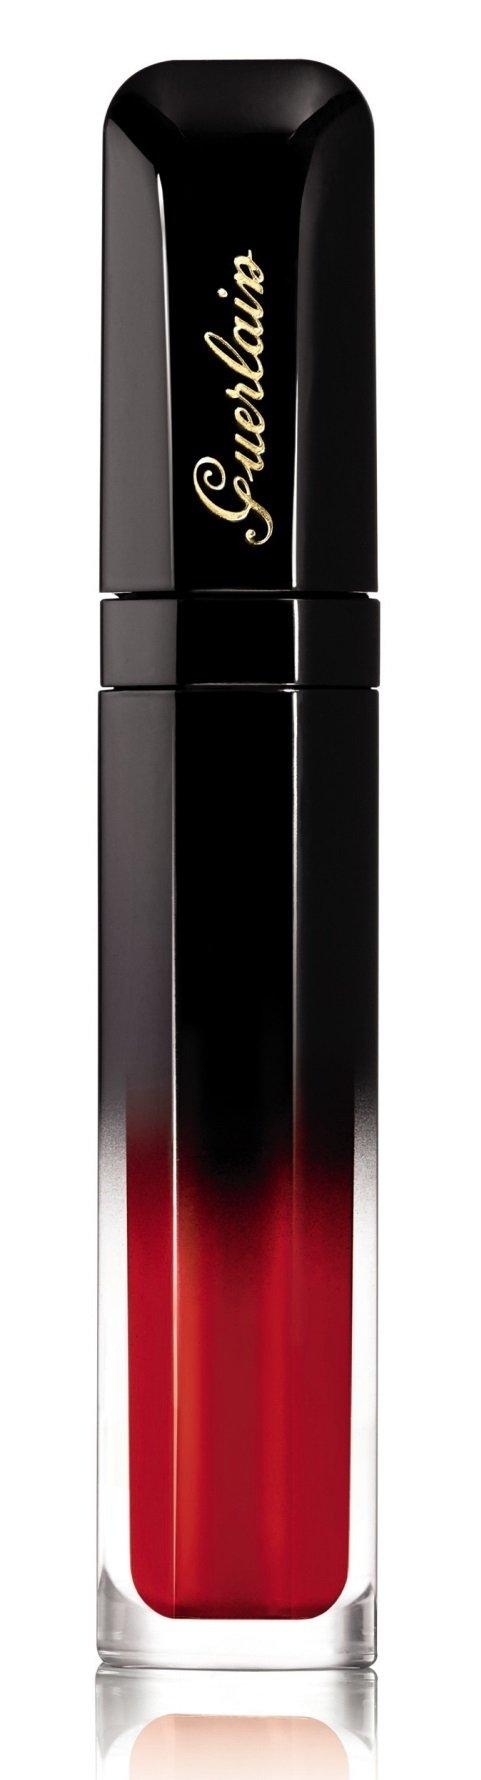 嬌蘭法式訂製絲絨唇釉 M27_NT$1280.jpg